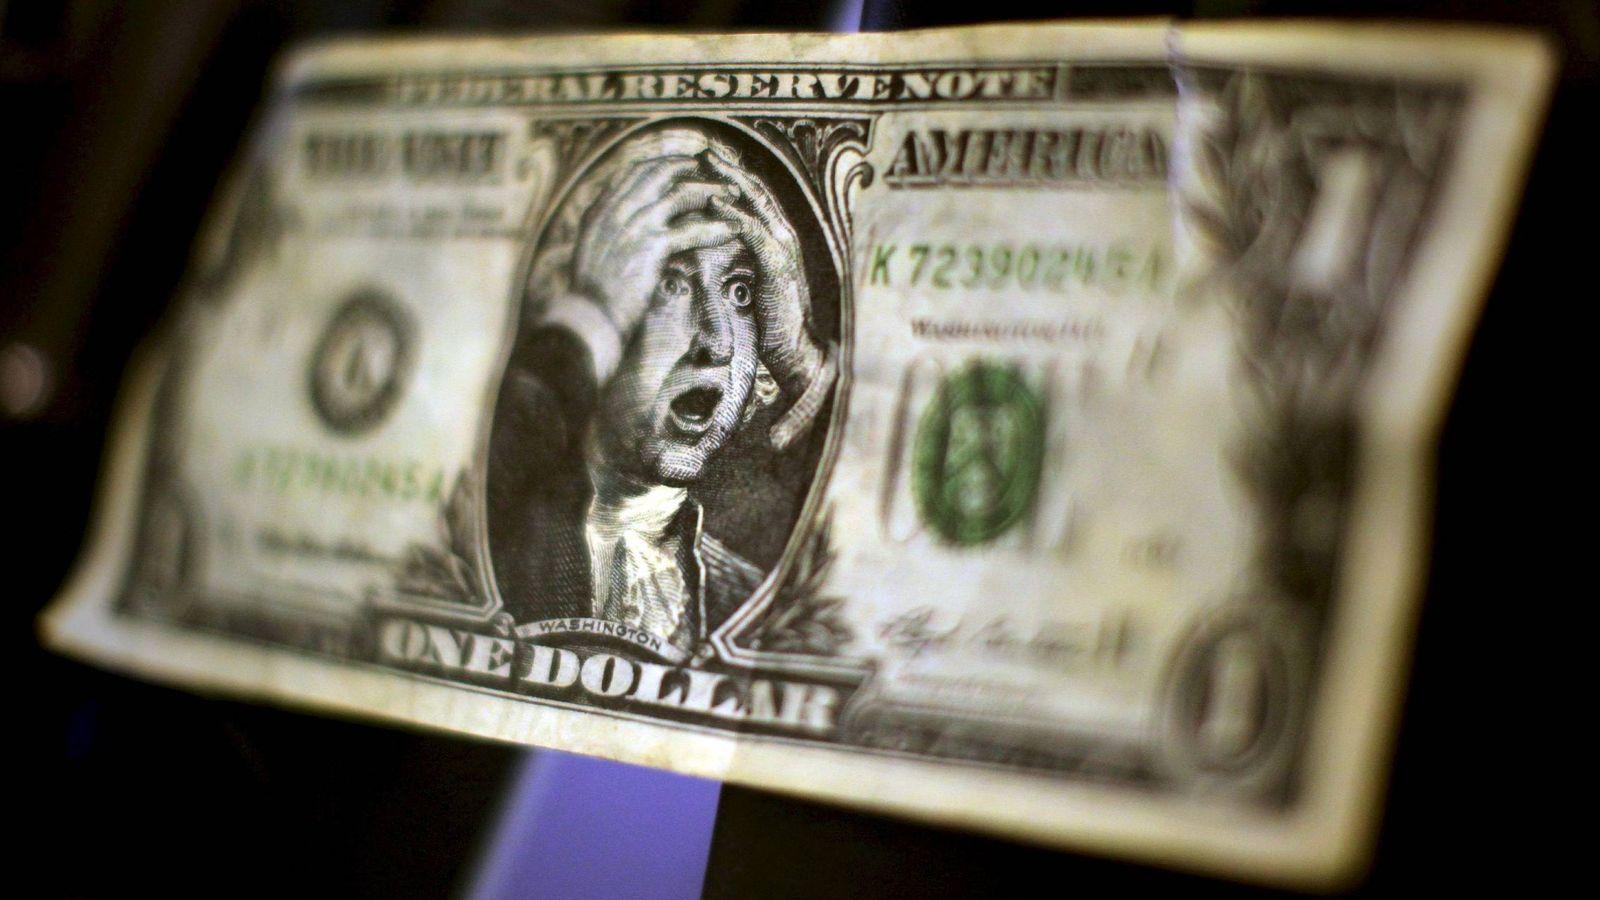 Foto: Un billete de un dolar falso con la imagen de George Washington llevandose las manos a la cabeza. (EFE)